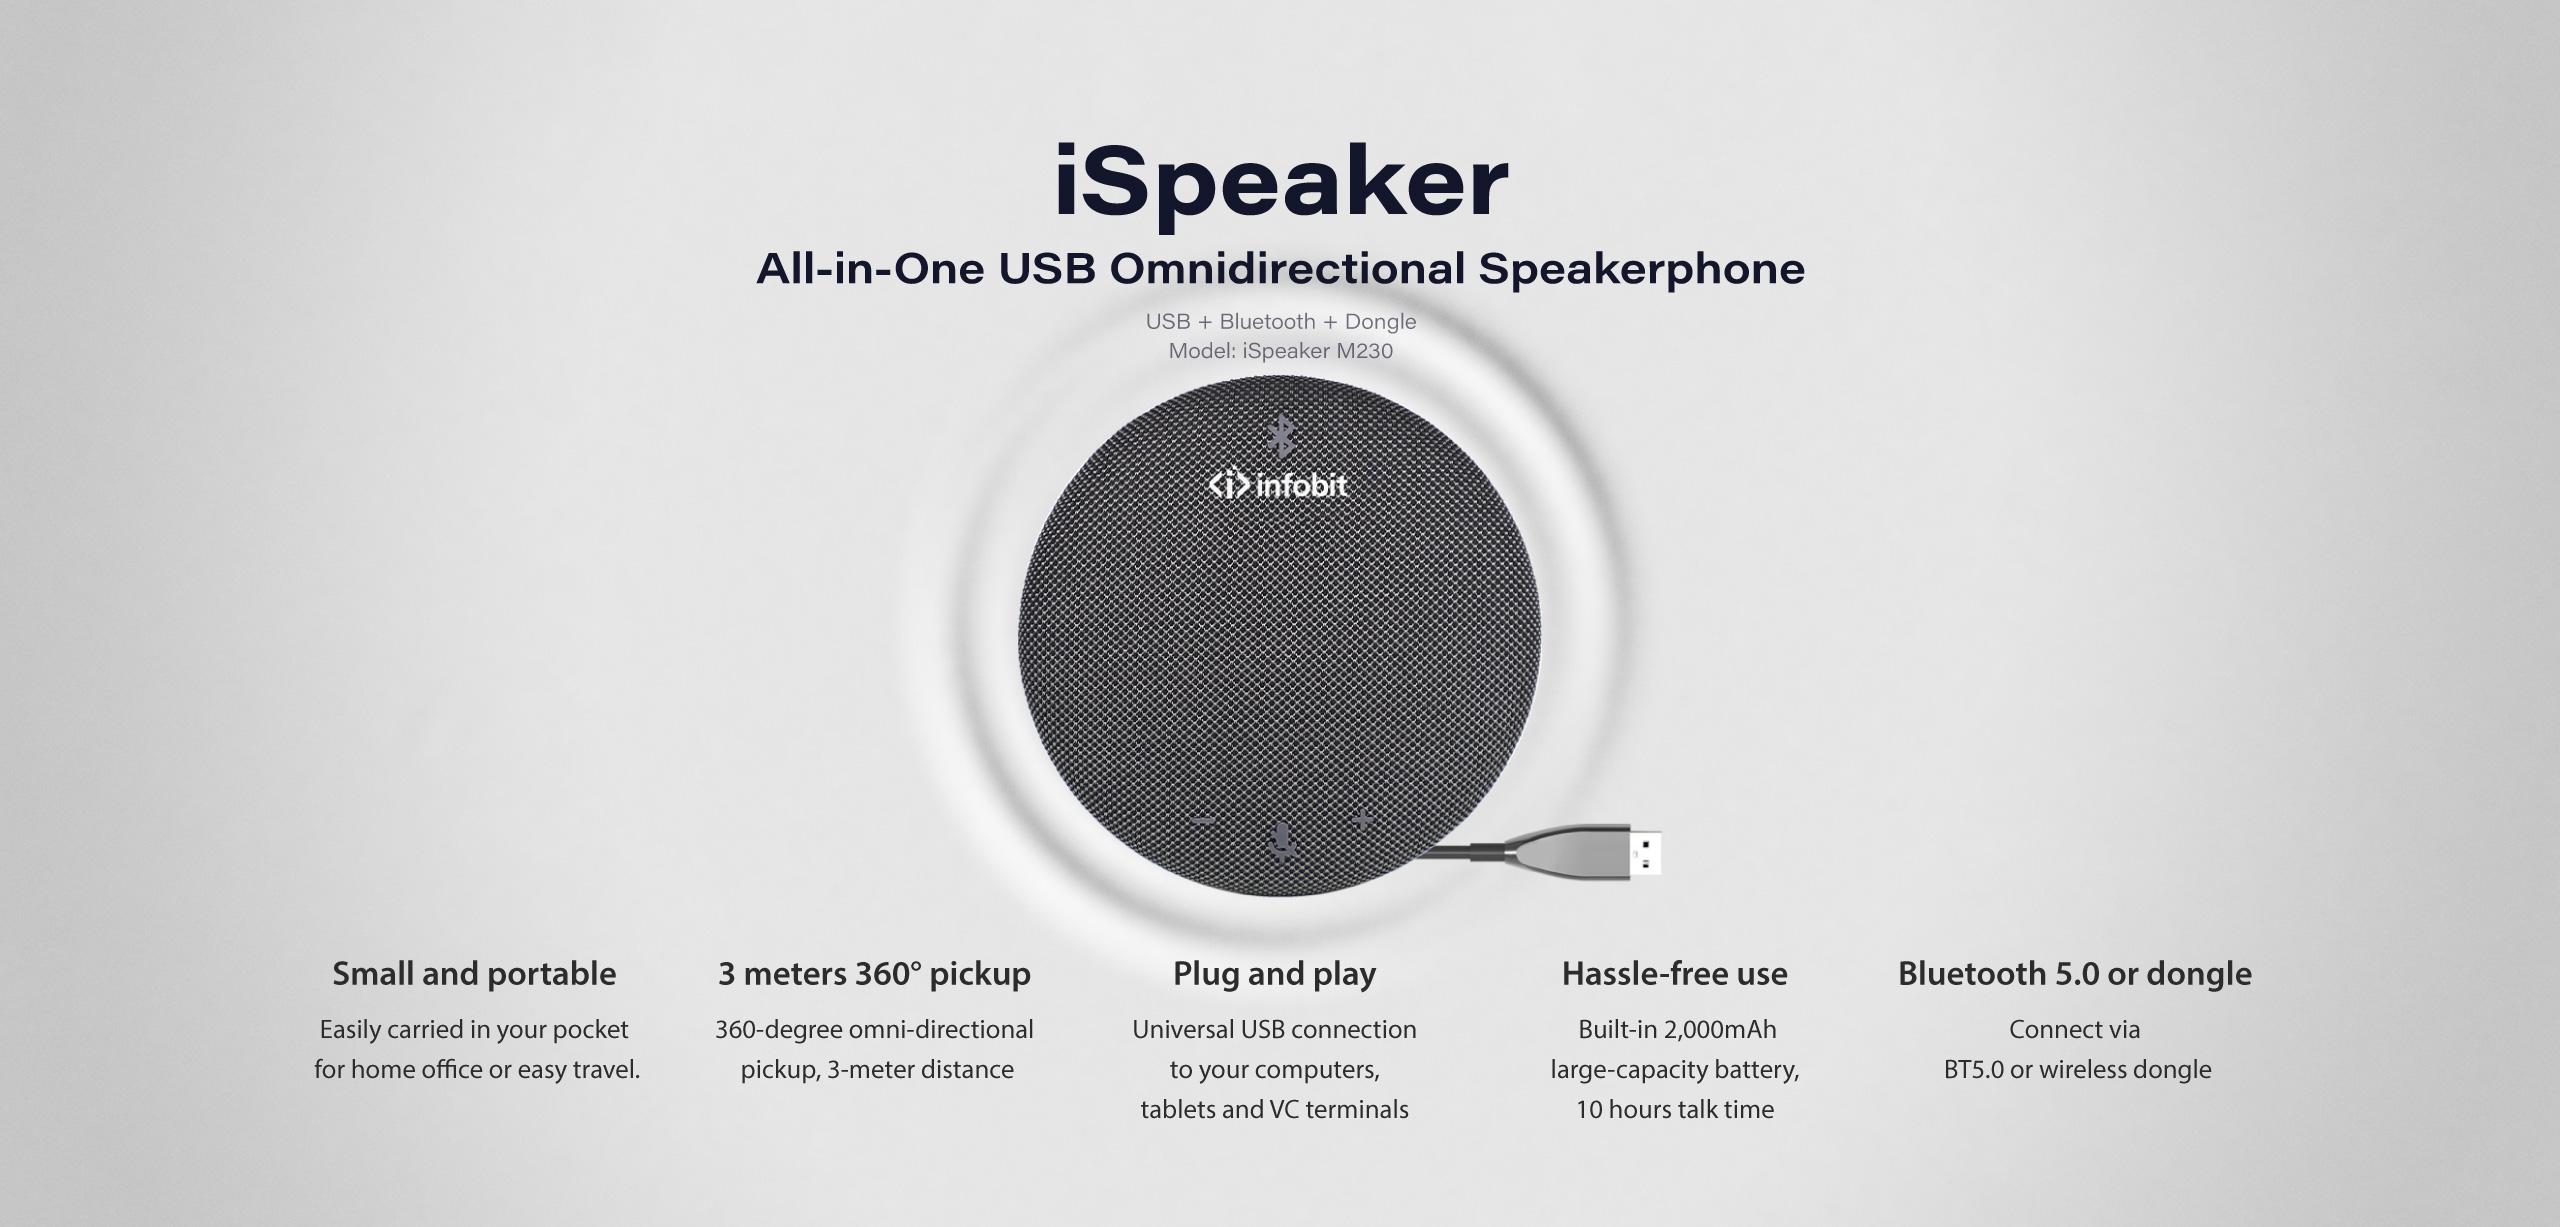 iSpeaker M230 Bluetooth speakerphone